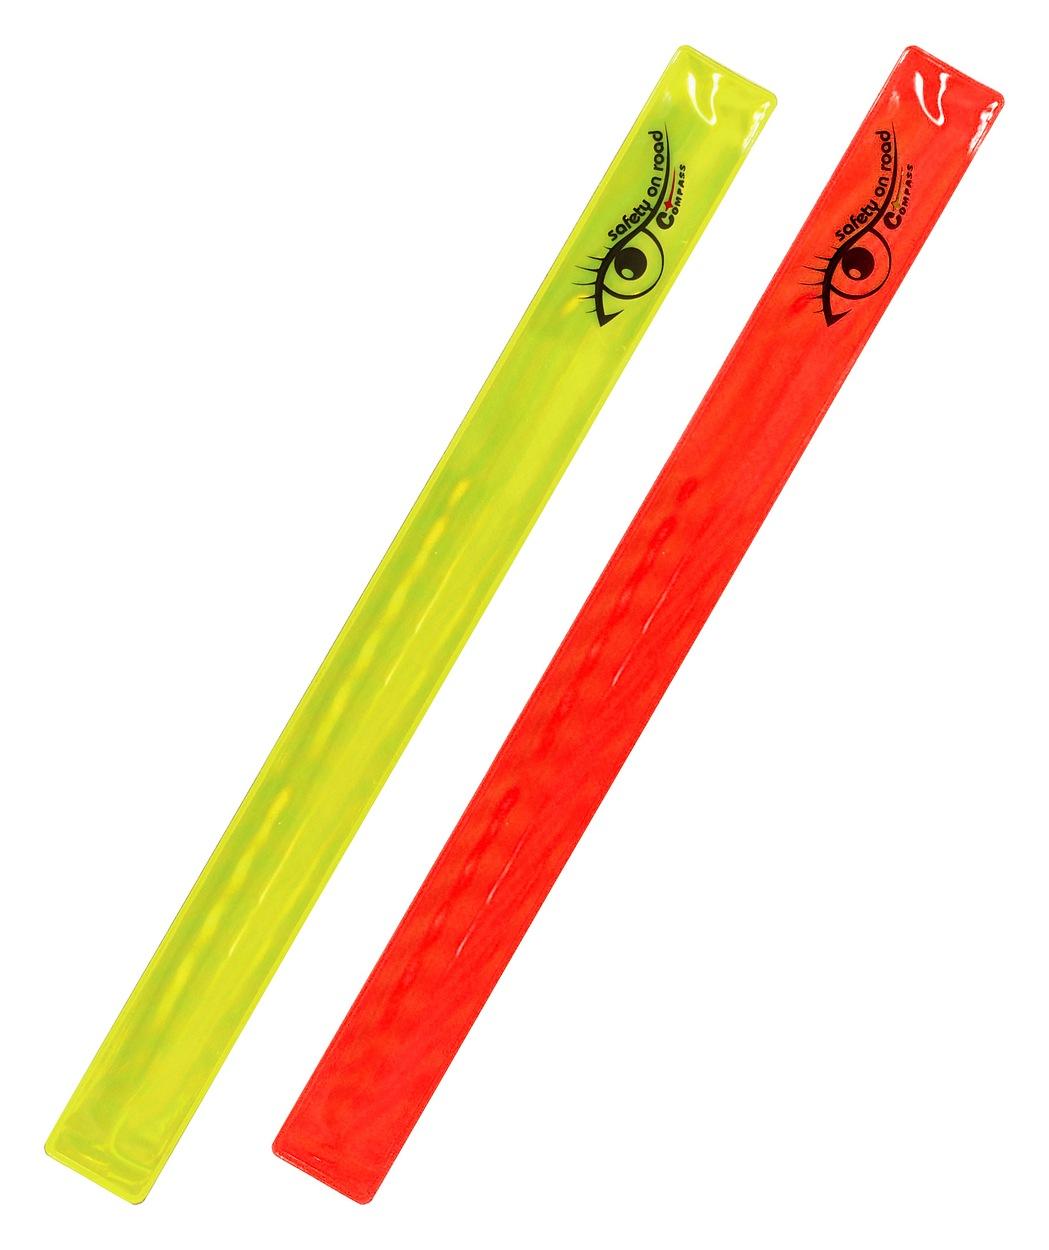 Compass Pásek reflexní ROLLER 2ks žlutý + červený